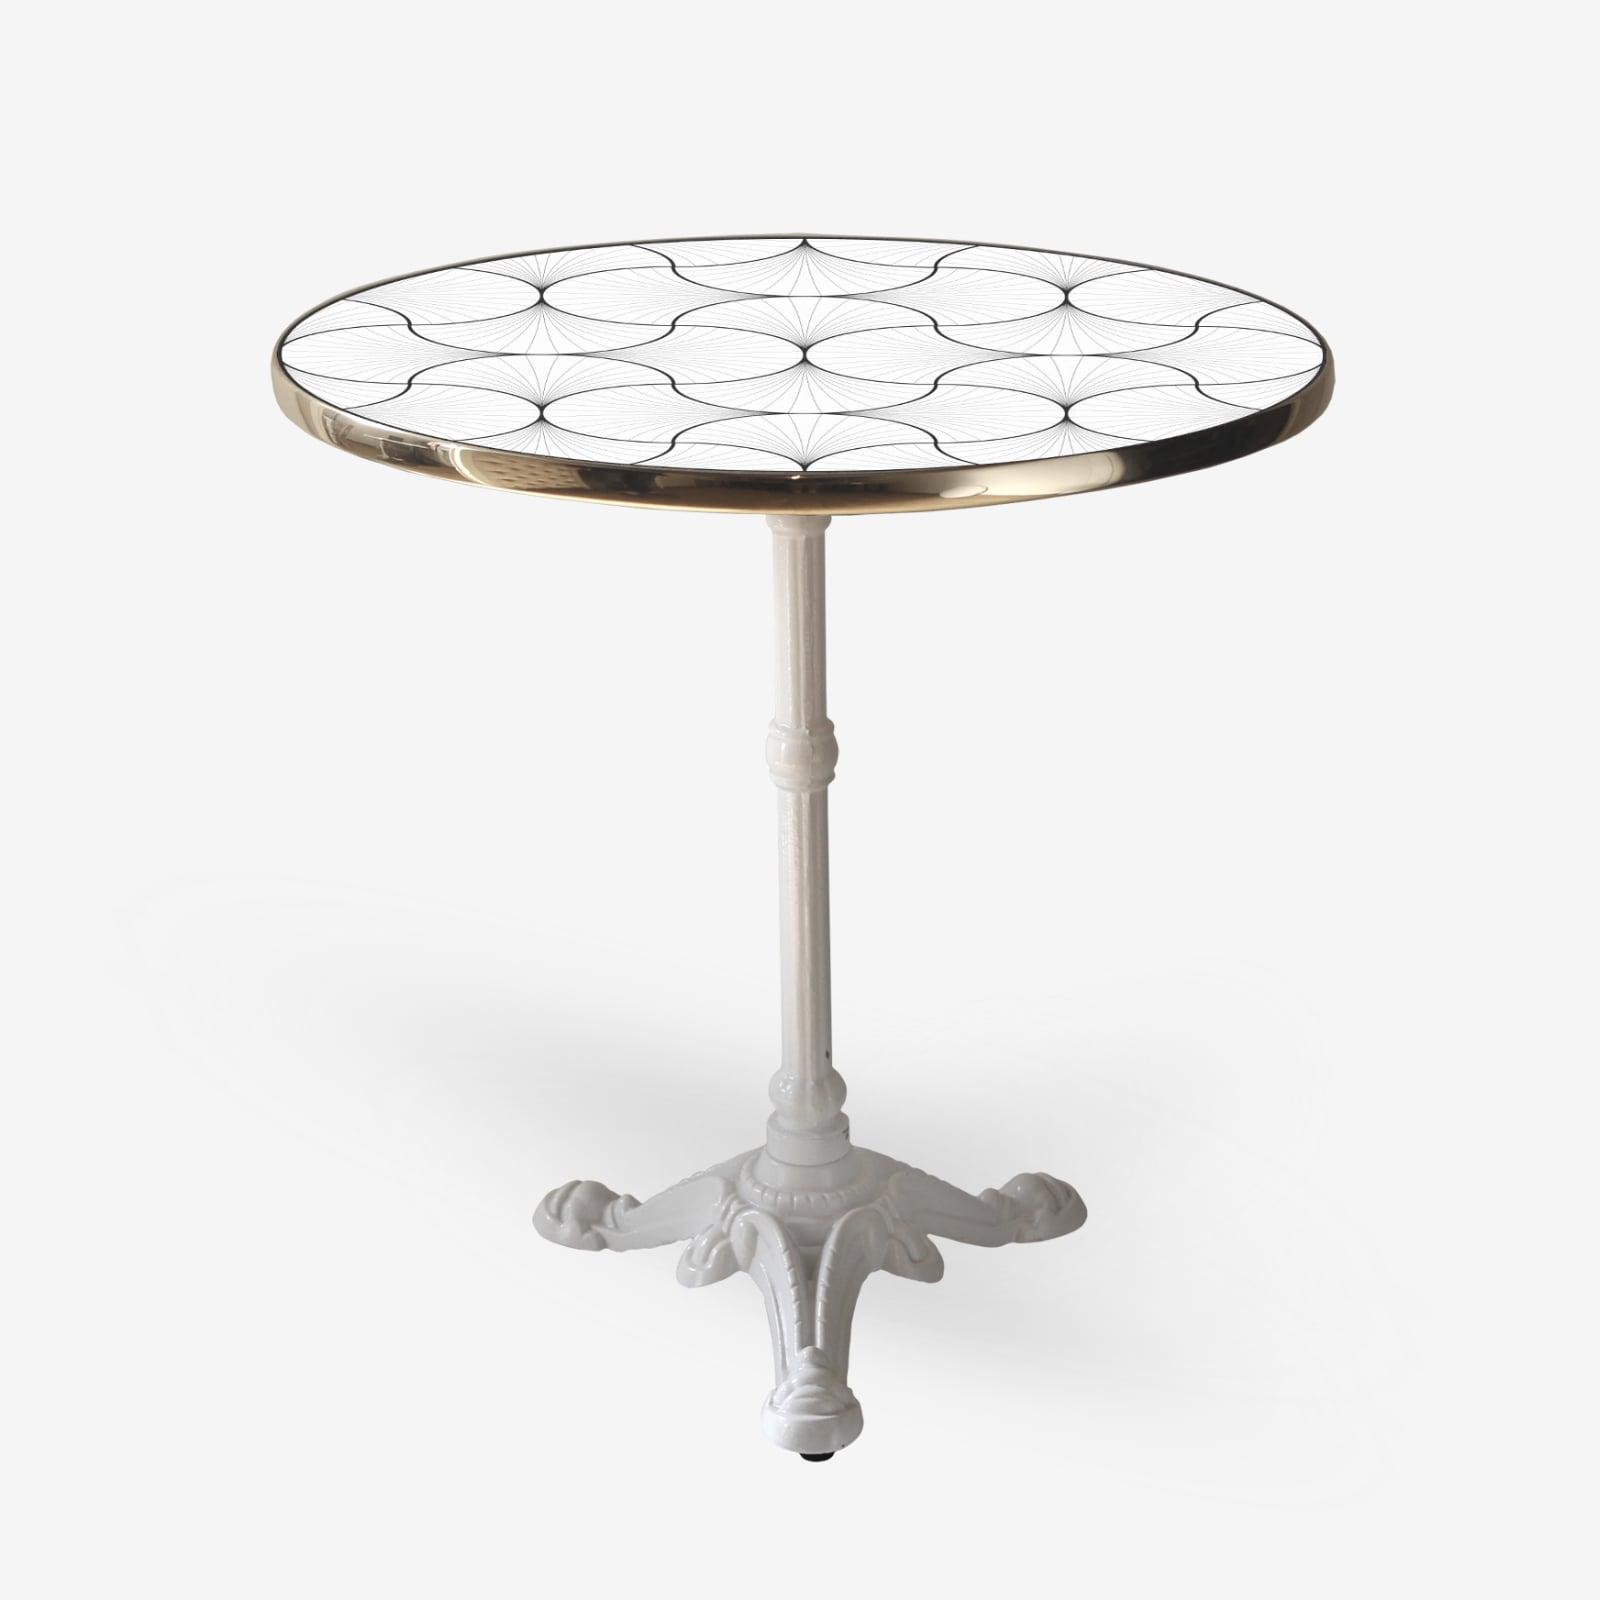 Tavolo-per-ristoranti-bar-alberghi-in-metallo-tavolo-di-design-per-arredo-contract-Deco-6